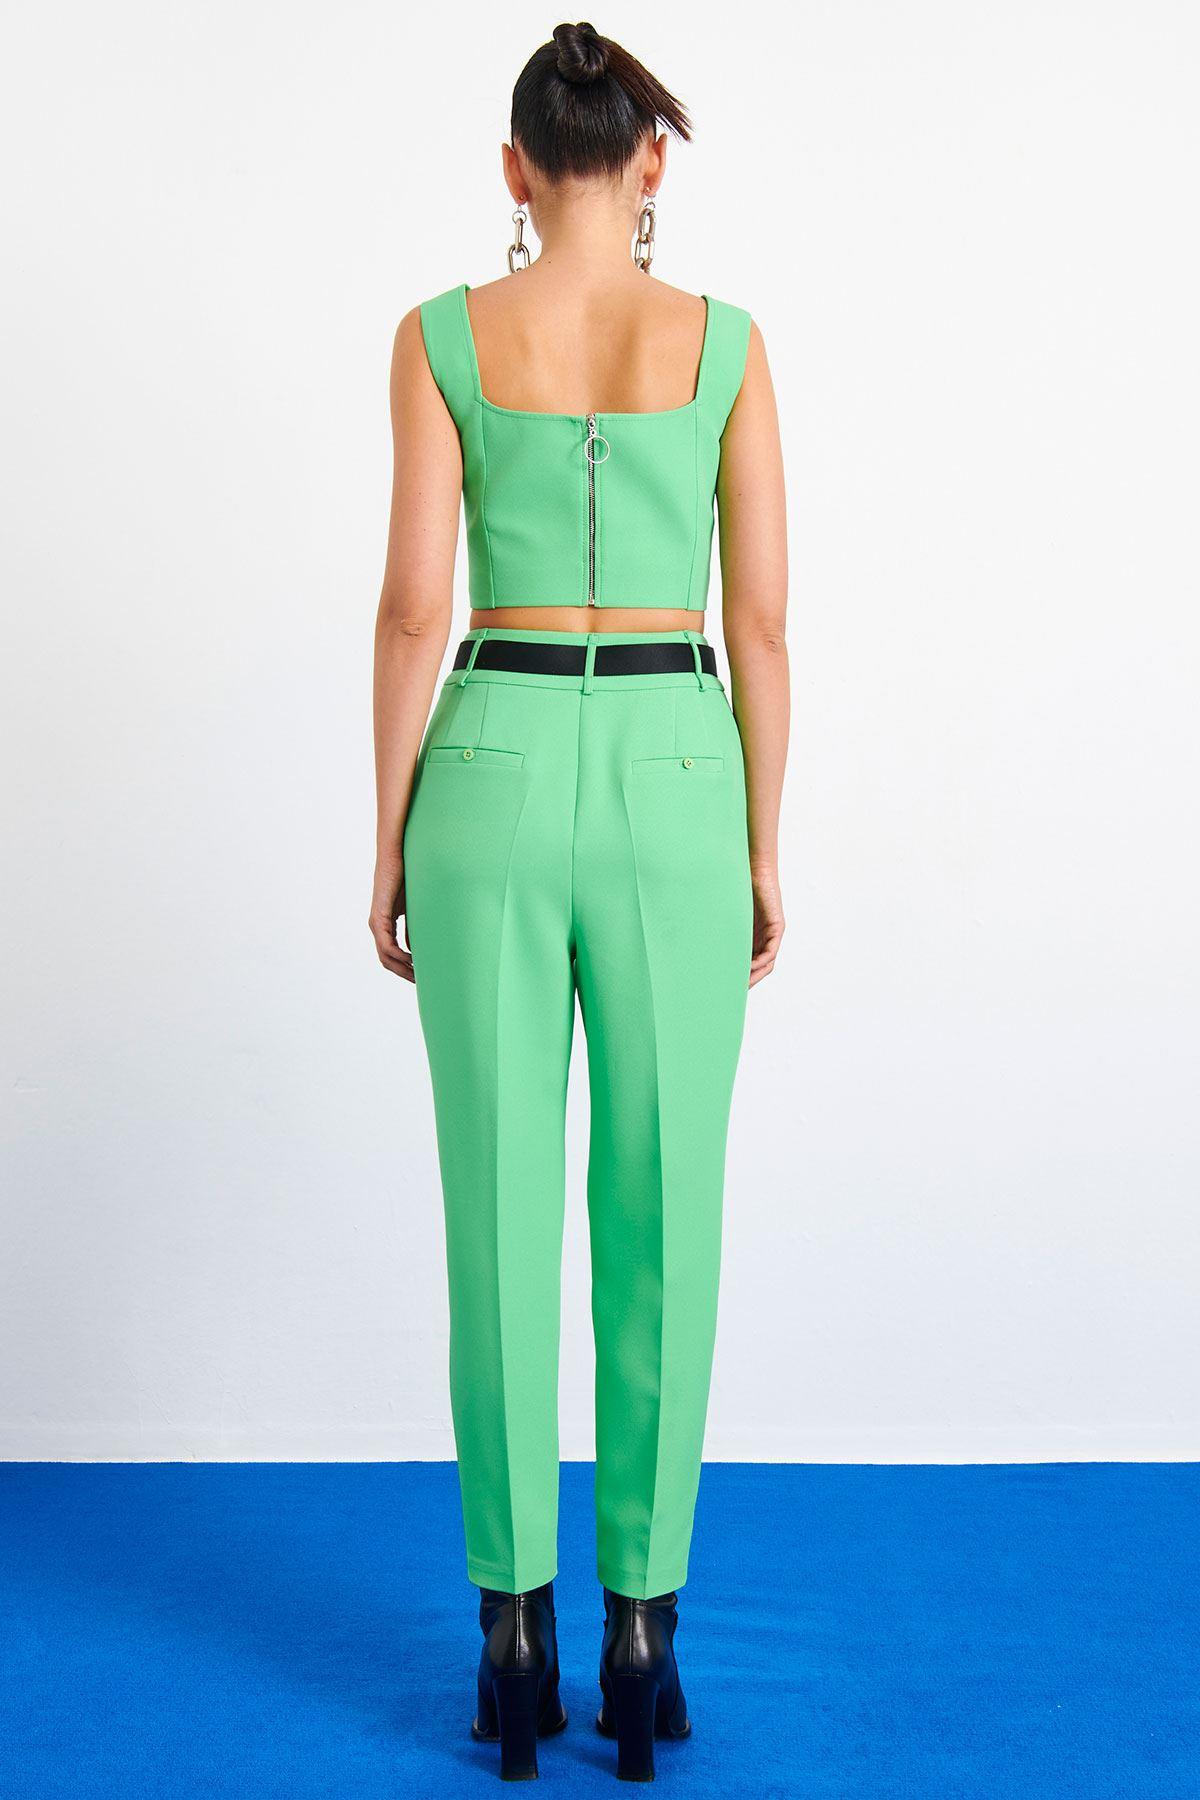 Neon Klasik Pantolon Fıstık Yeşili